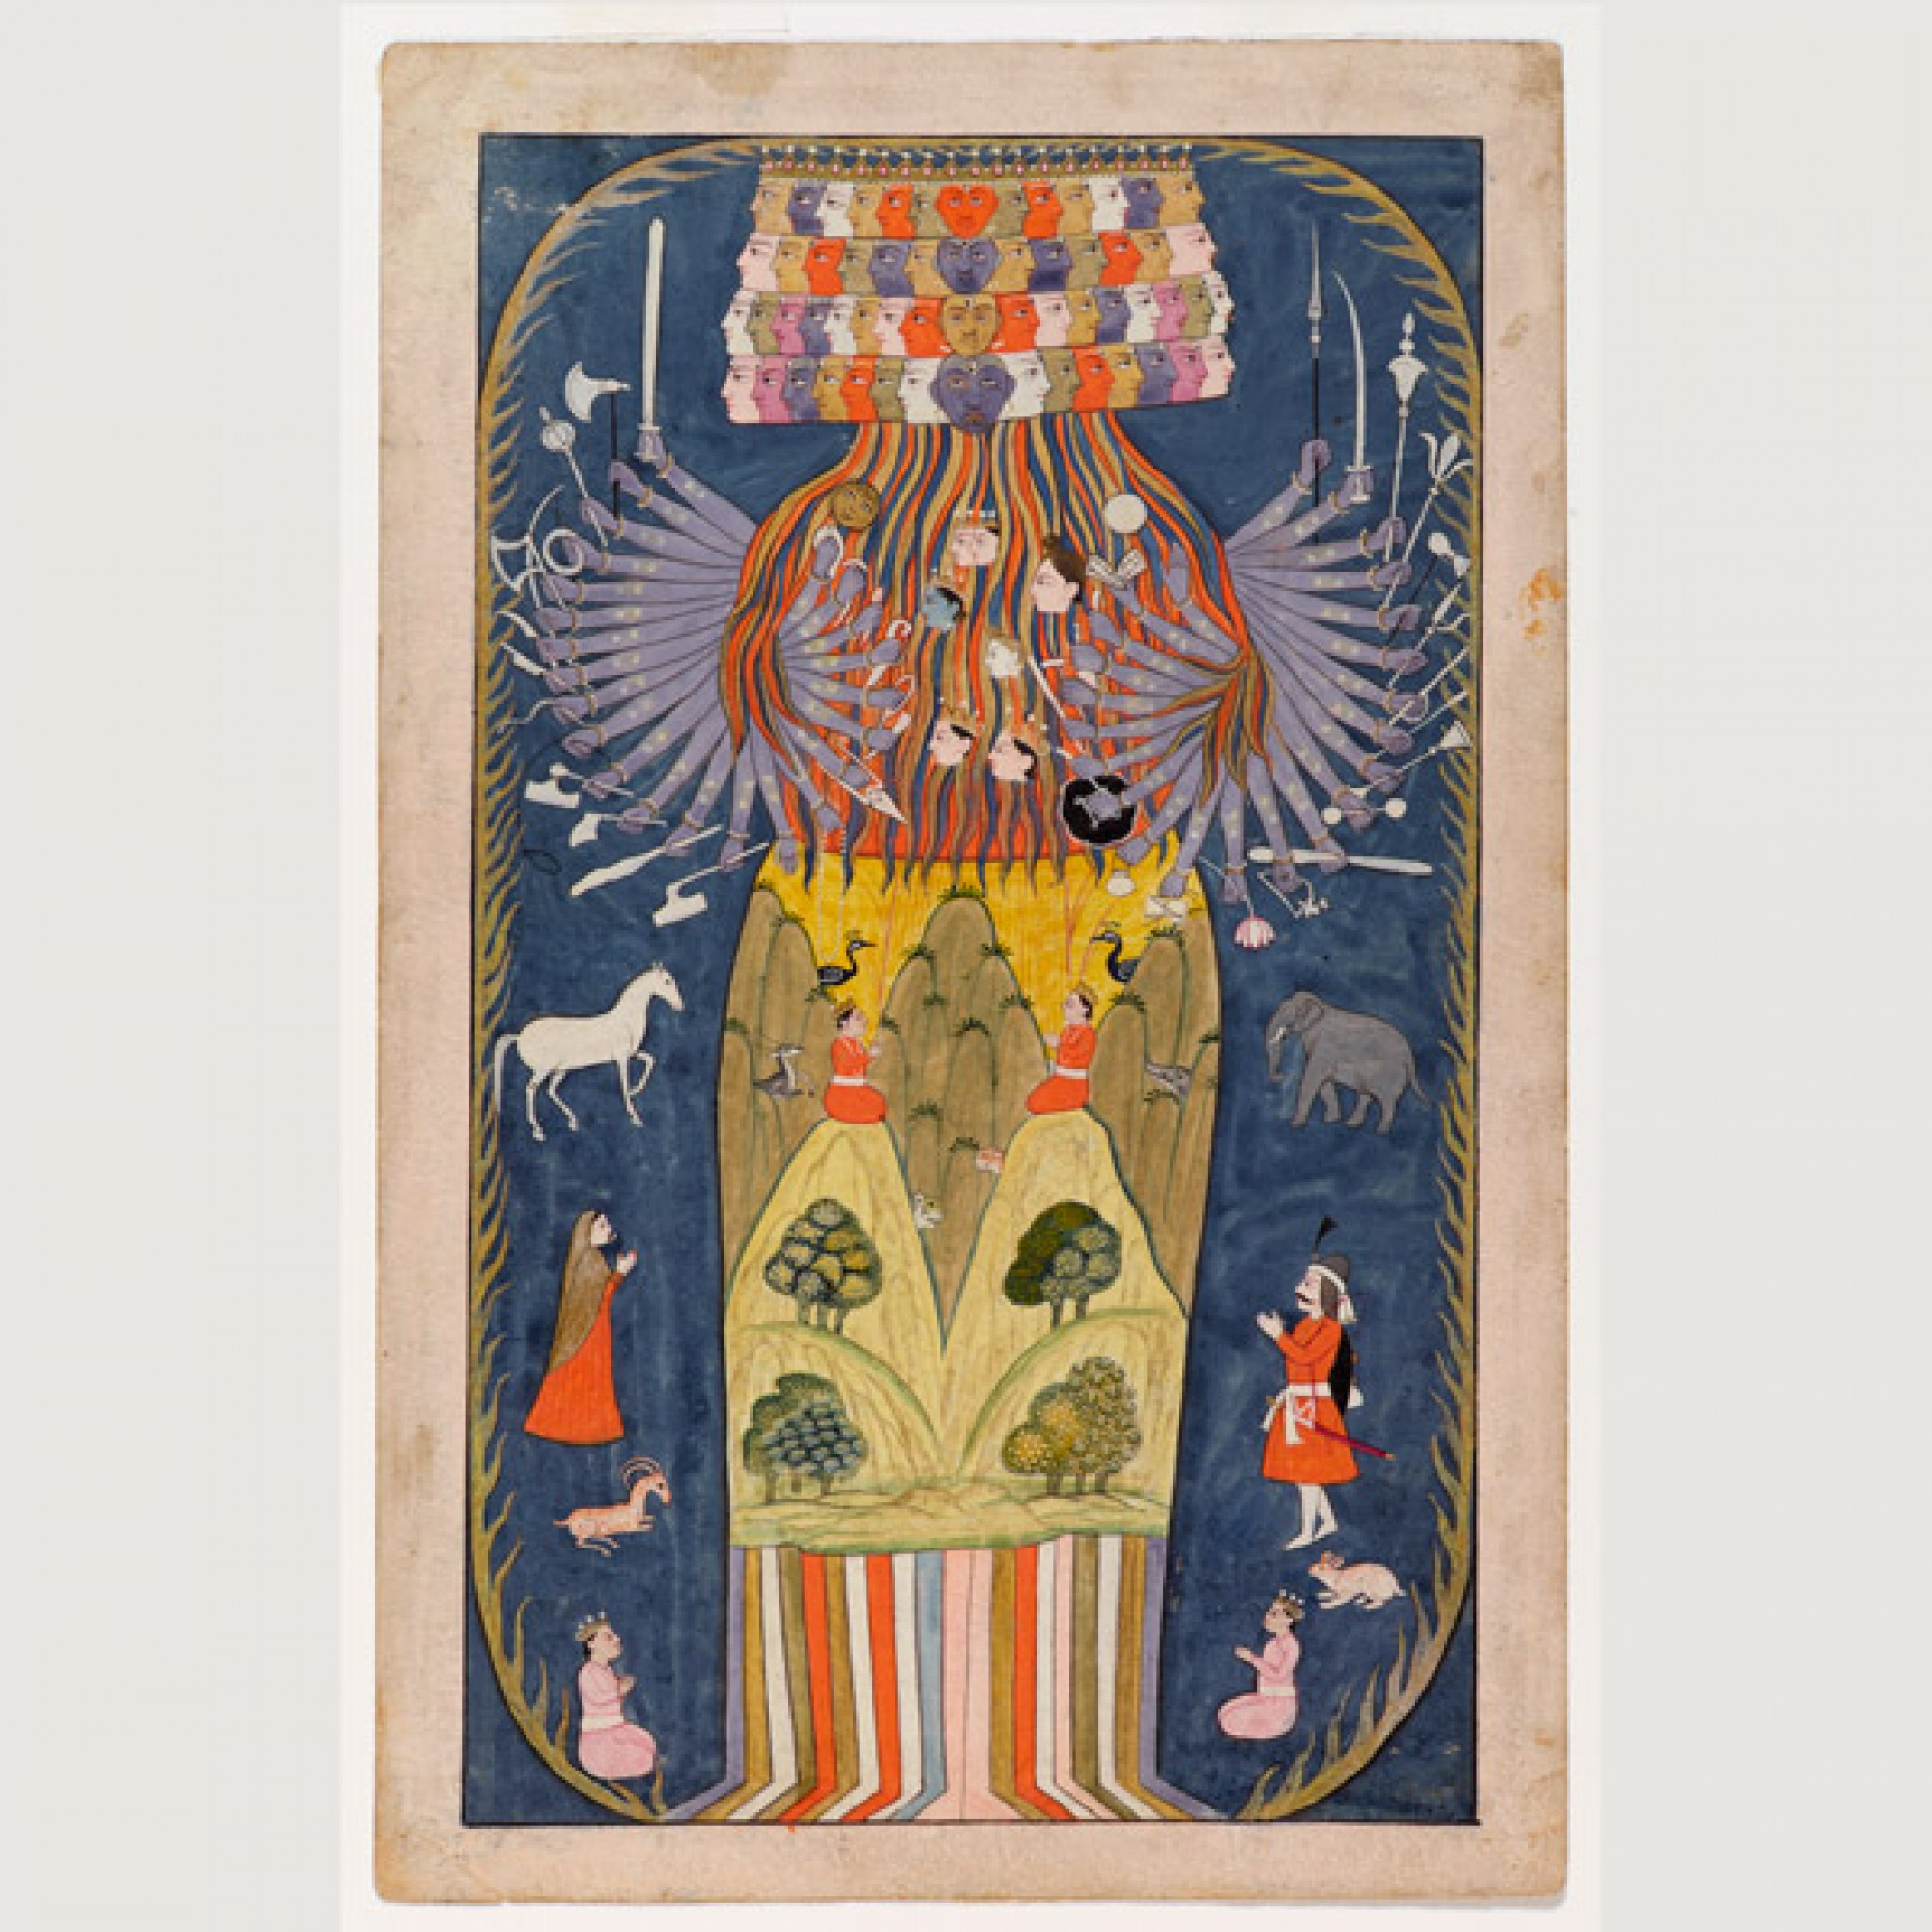 Vishvarupa: Krishna in seiner kosmischen Form Unbekannter Künstler Indien, Kaschmir, 1875–1900. (Rainer Wolfensberger / Museum Rietberg)